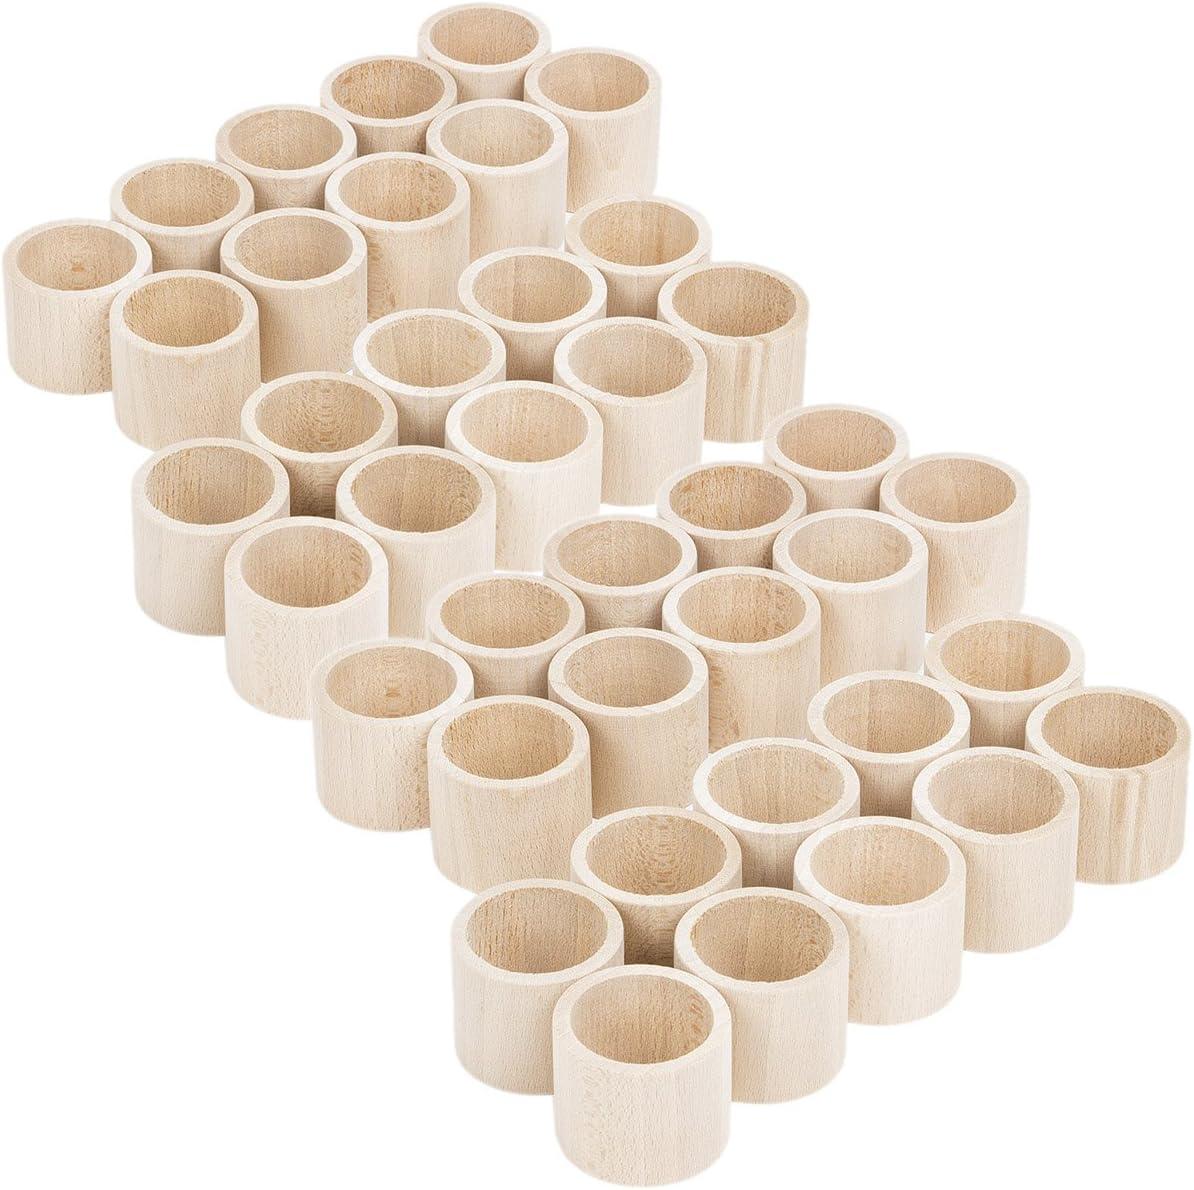 40 unidades Forma recta Madera servilleteros mesa boda accesorios ...